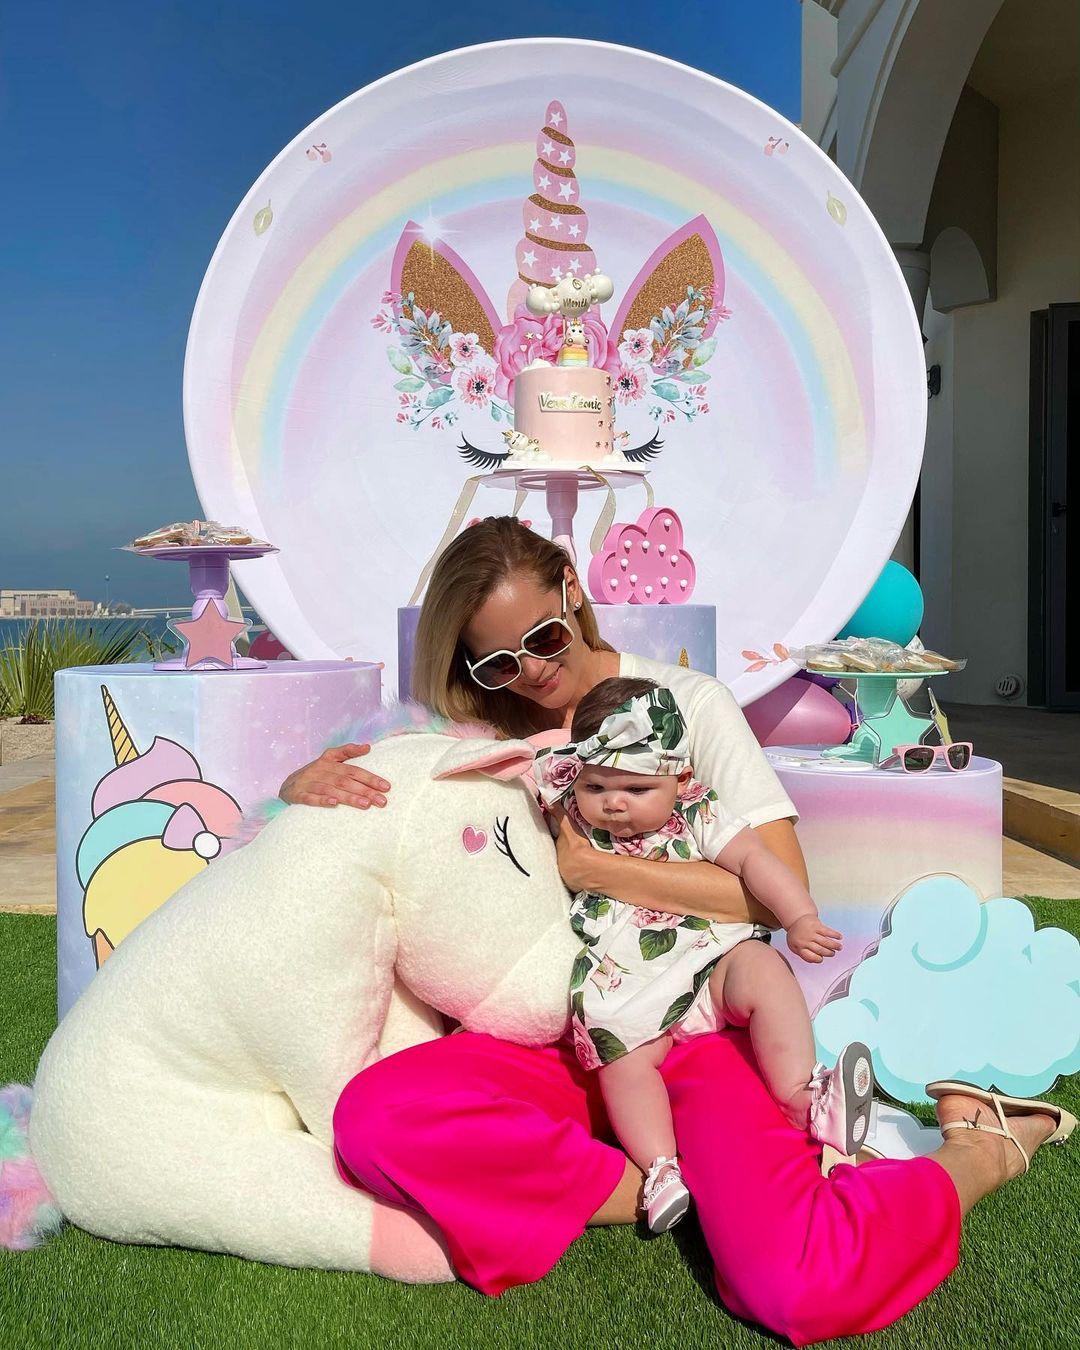 Солнечный пляж и сказочные единороги: Анастасия Масюткина поздравила 6-месячную дочь